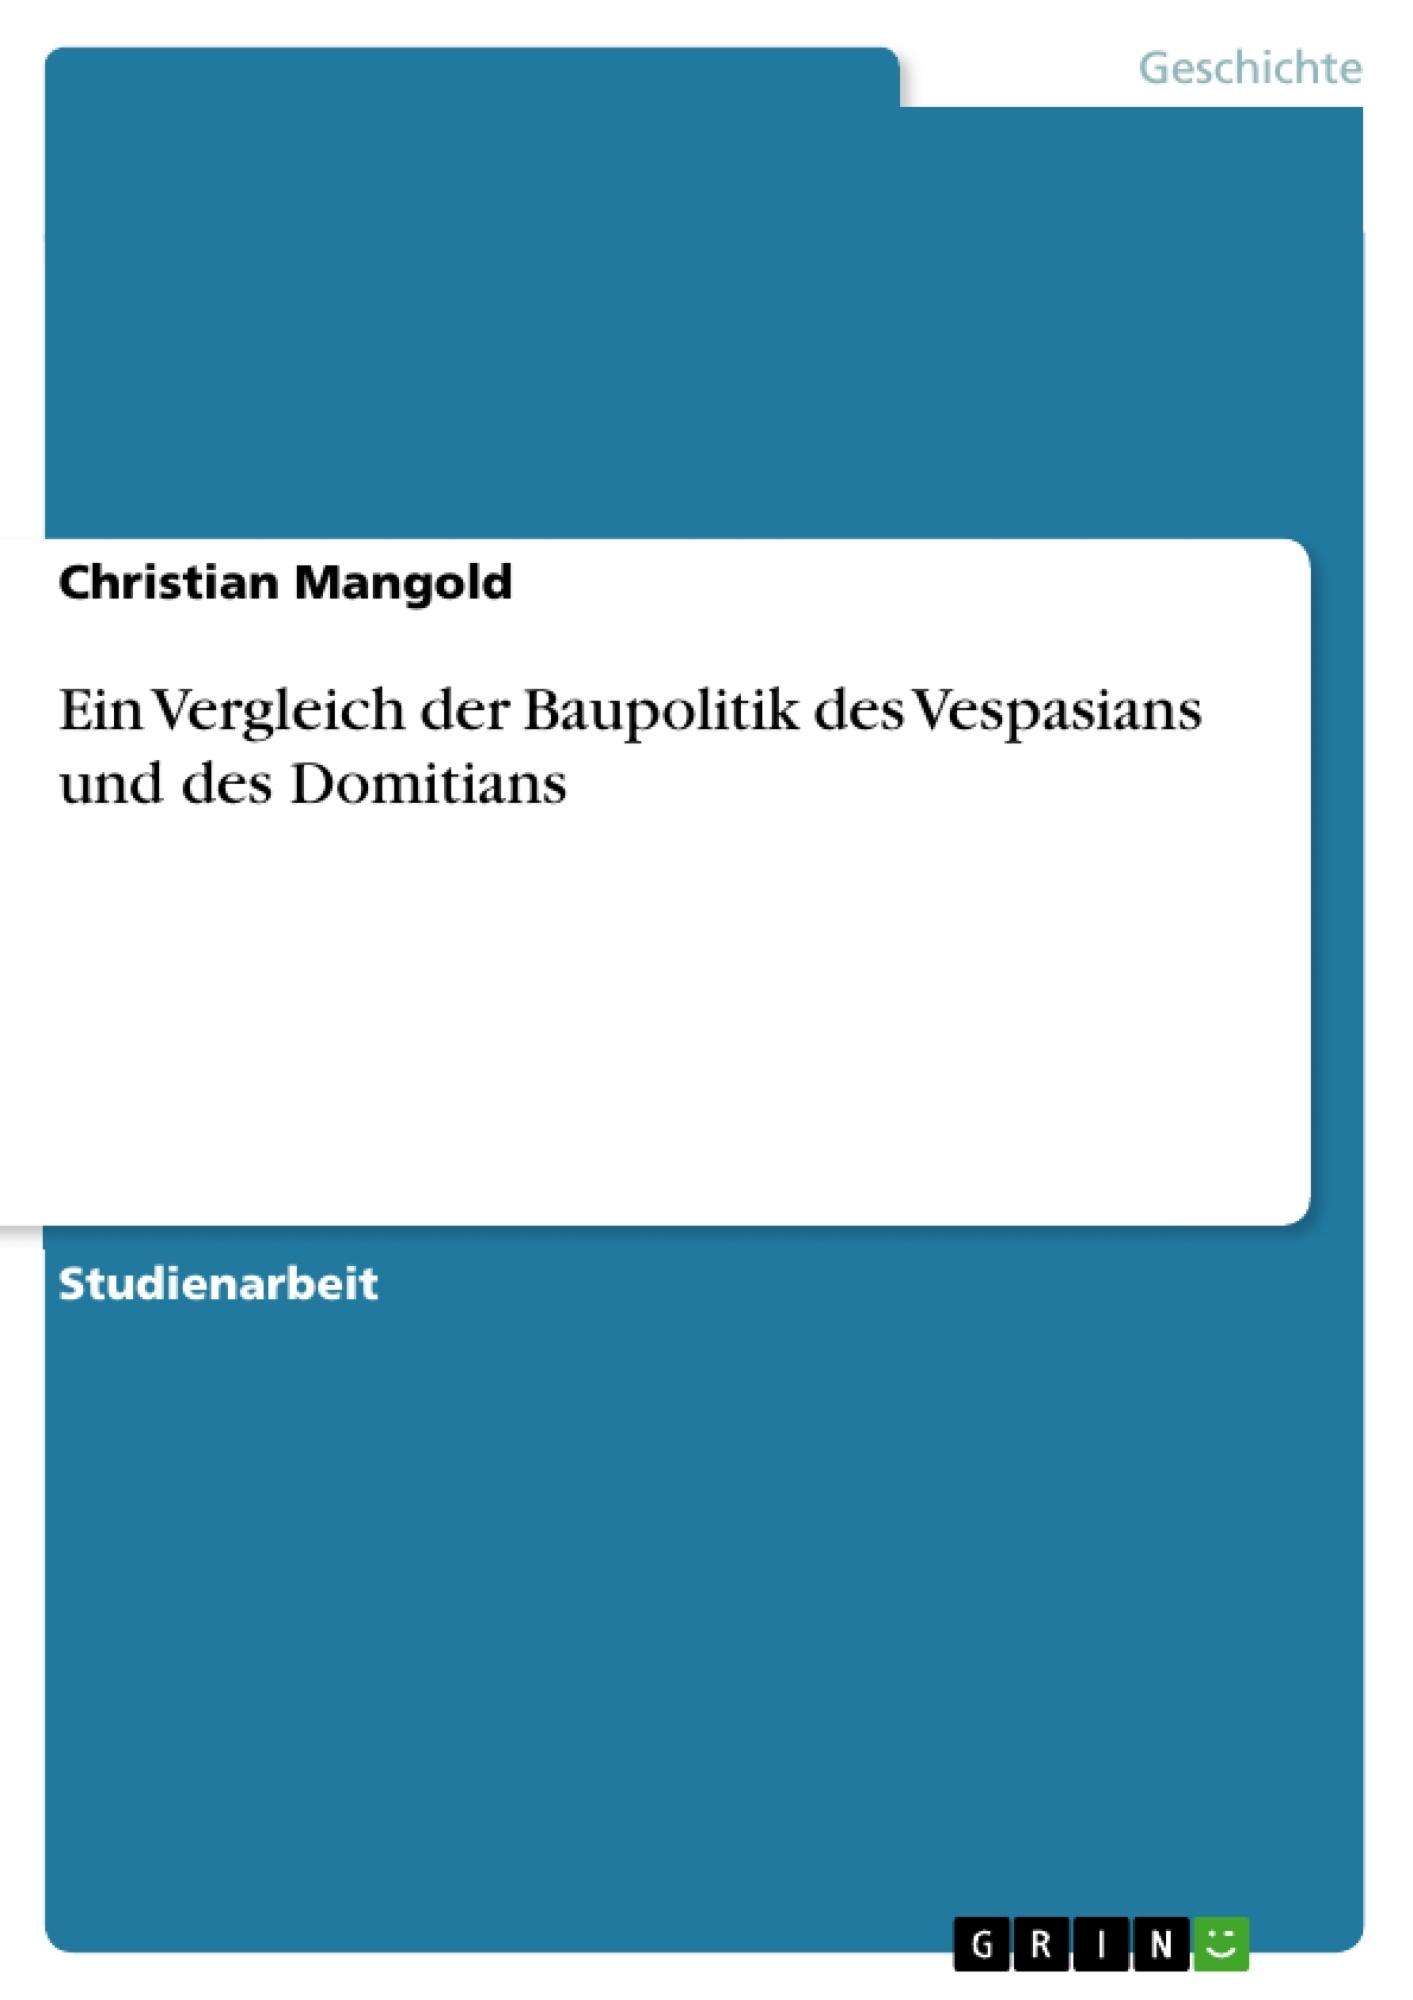 Titel: Ein Vergleich der Baupolitik des Vespasians und des Domitians